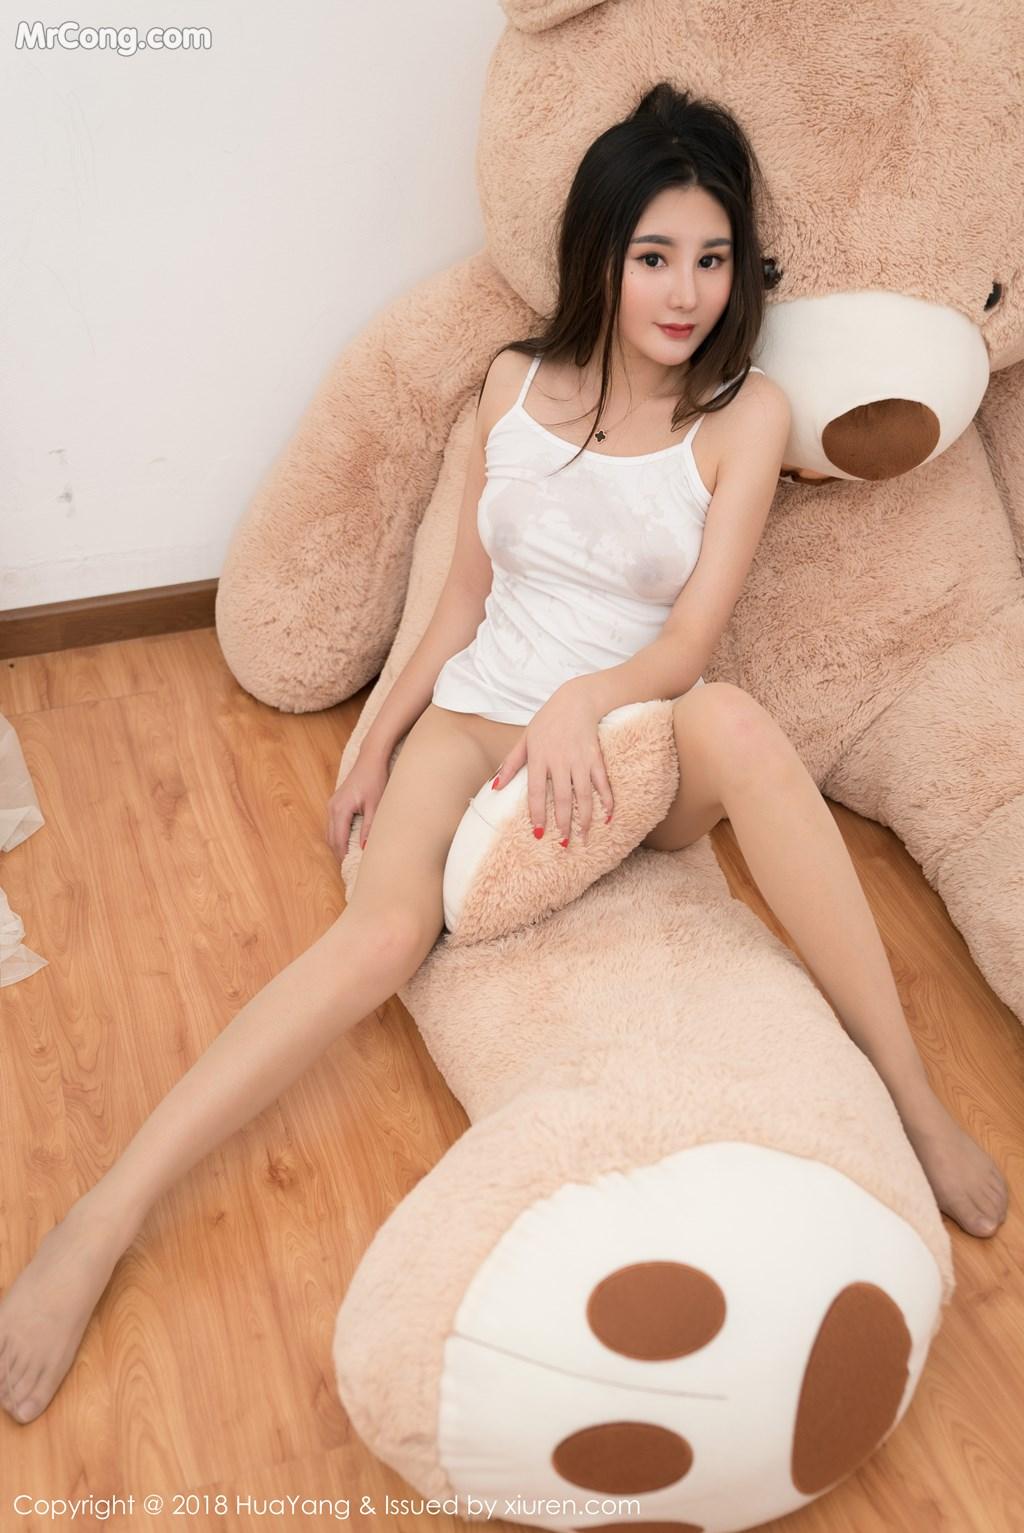 Image HuaYang-2018-03-02-Vol.034-Xiao-Tian-Xin-Candy-MrCong.com-039 in post HuaYang 2018-03-02 Vol.034: Người mẫu Xiao Tian Xin (小甜心Candy) (41 ảnh)